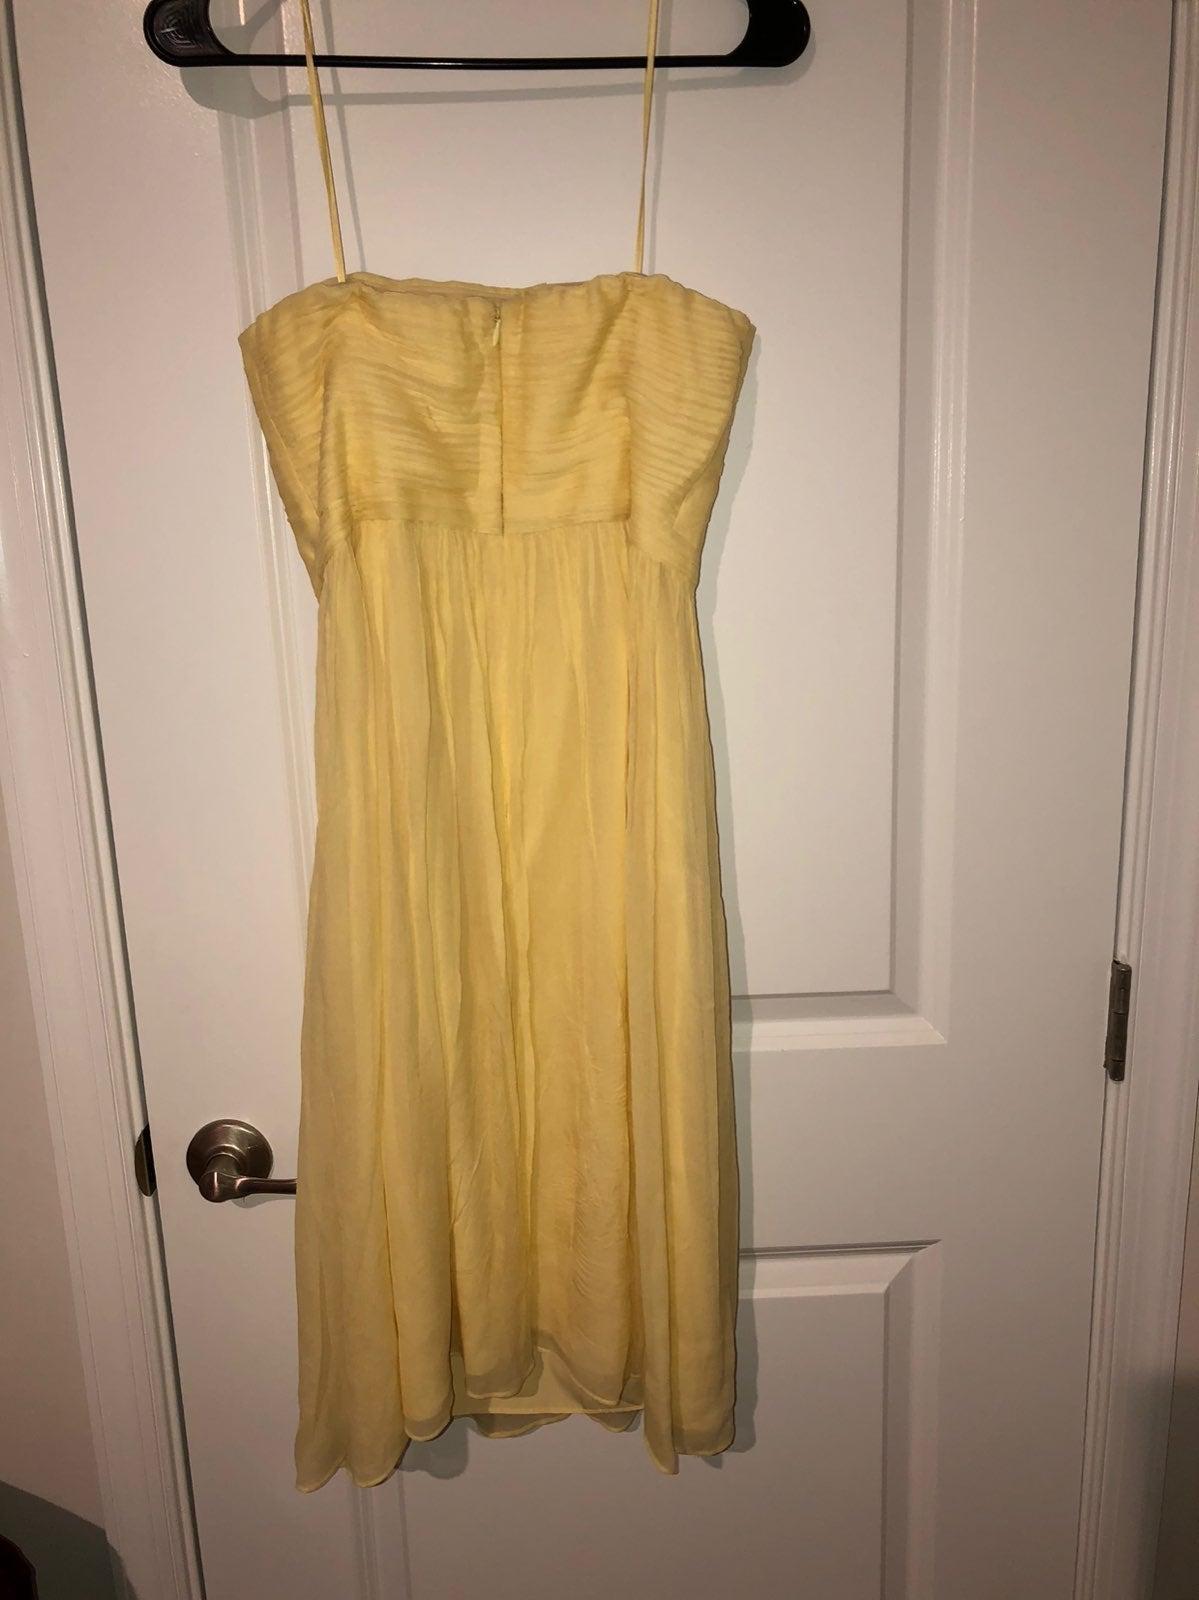 J.crew silk chiffon dress